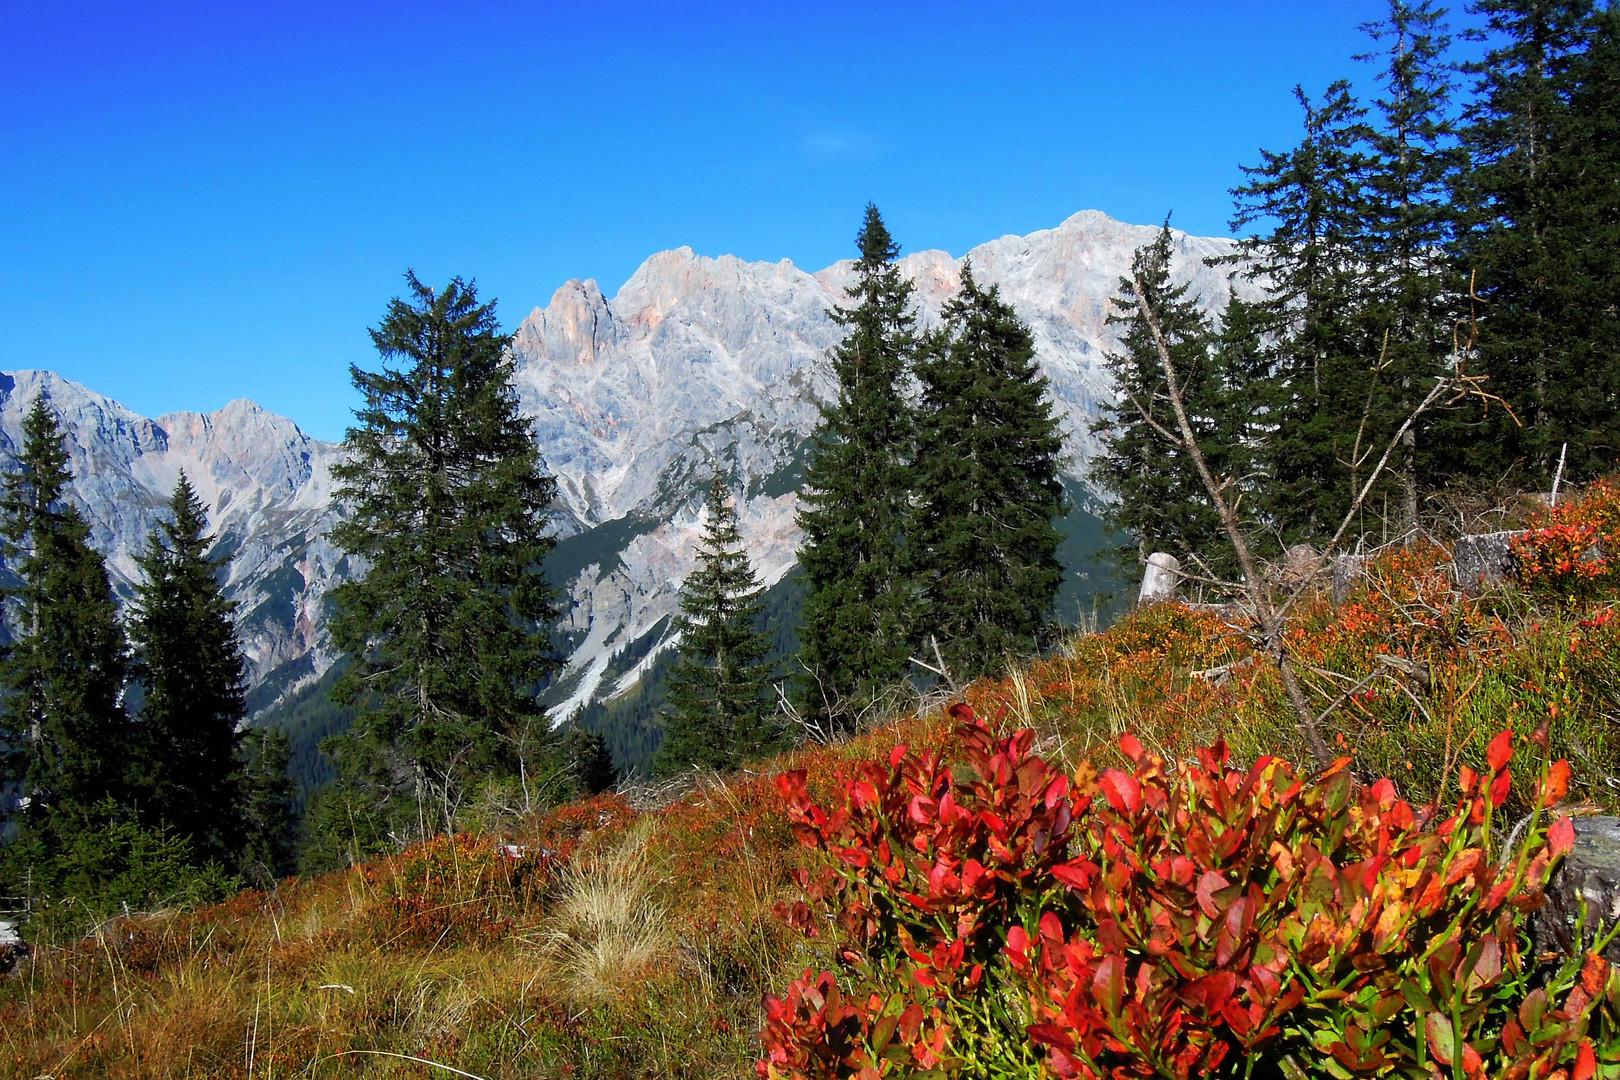 Spiel mit den Farben des Herbstes